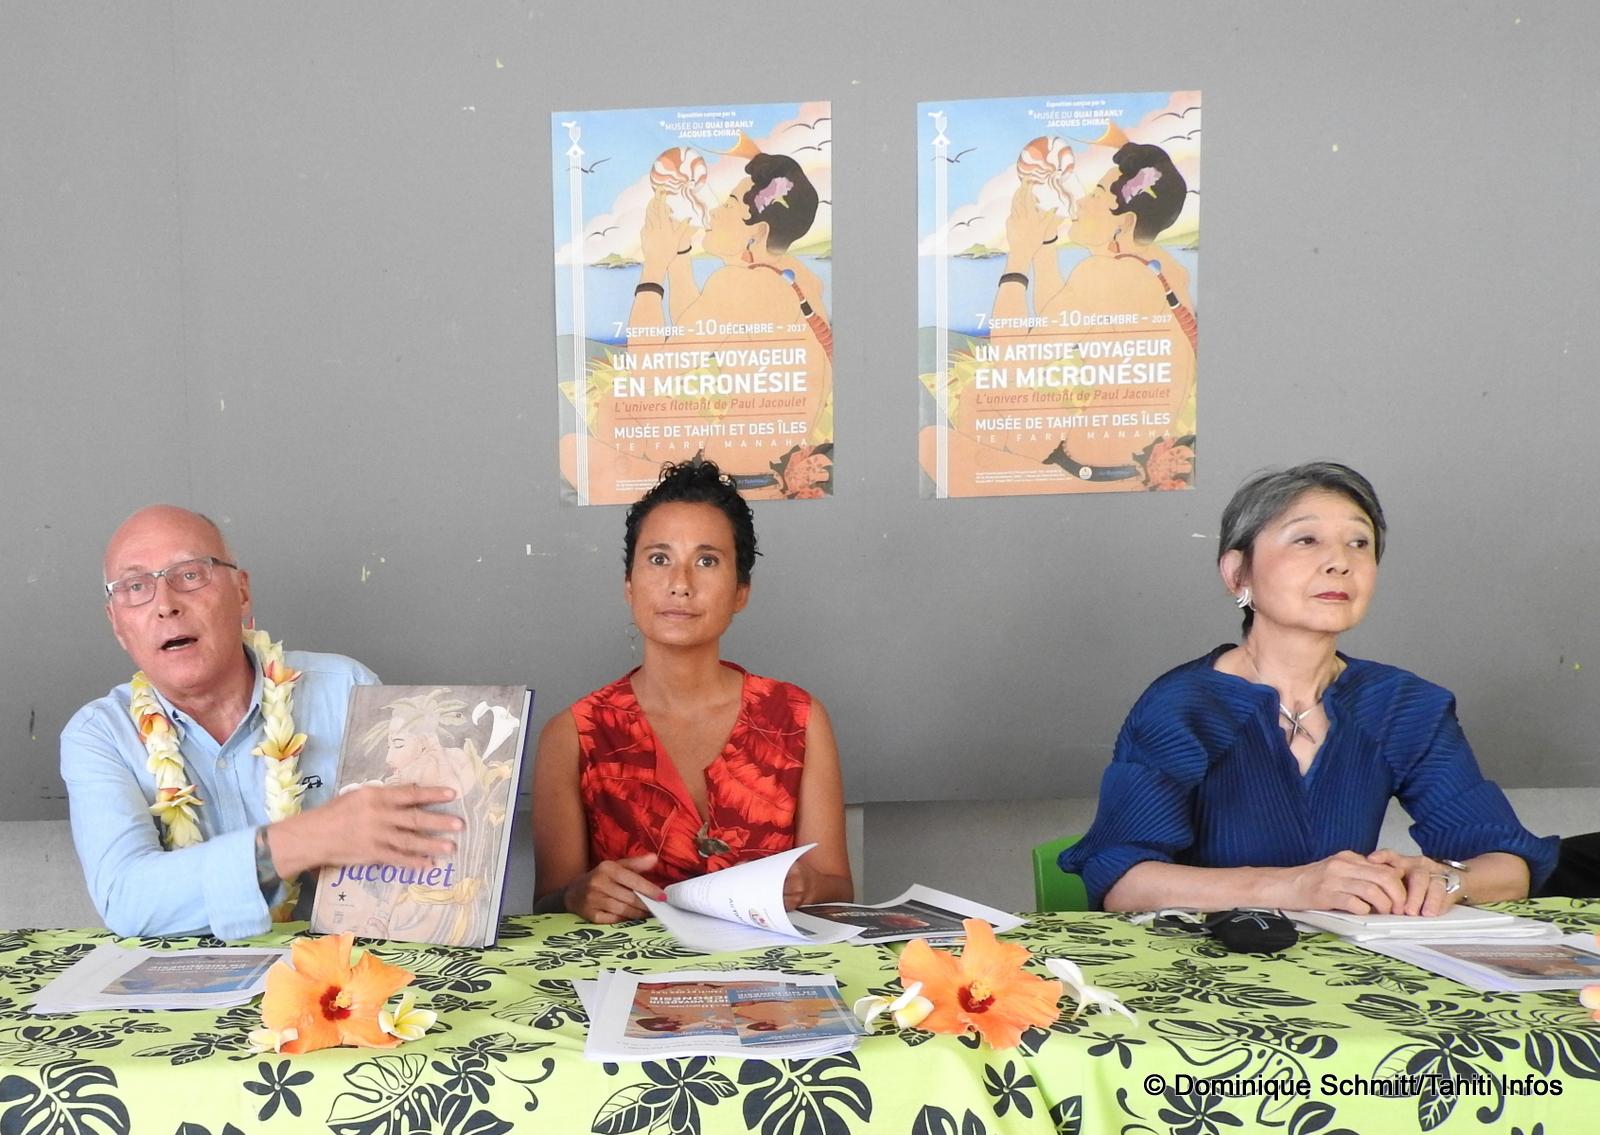 Stéphane Martin, Miriama Bono et Thérèse Jacoulet-Inagaki ont présenté l'œuvre raffinée de Jacoulet.